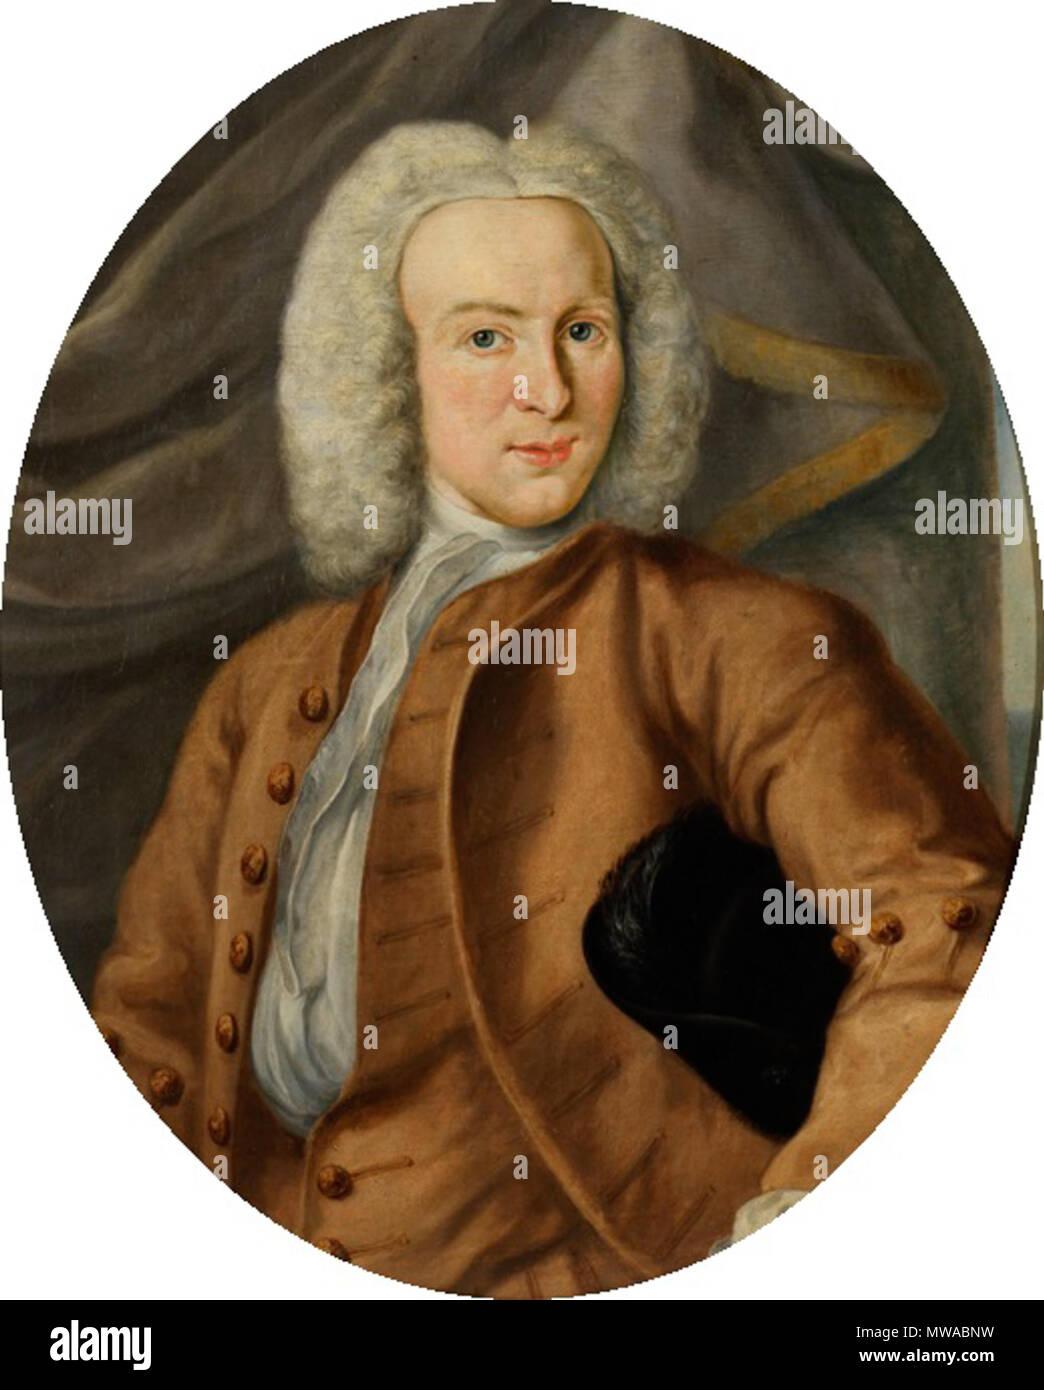 . Nederlands: Reint Jan Lewe van Middelstum . 1740. Johannes Antiquus (1702-1750) 319 Johannes Antiquus - Reint Jan Lewe van Middelstum - Stock Image